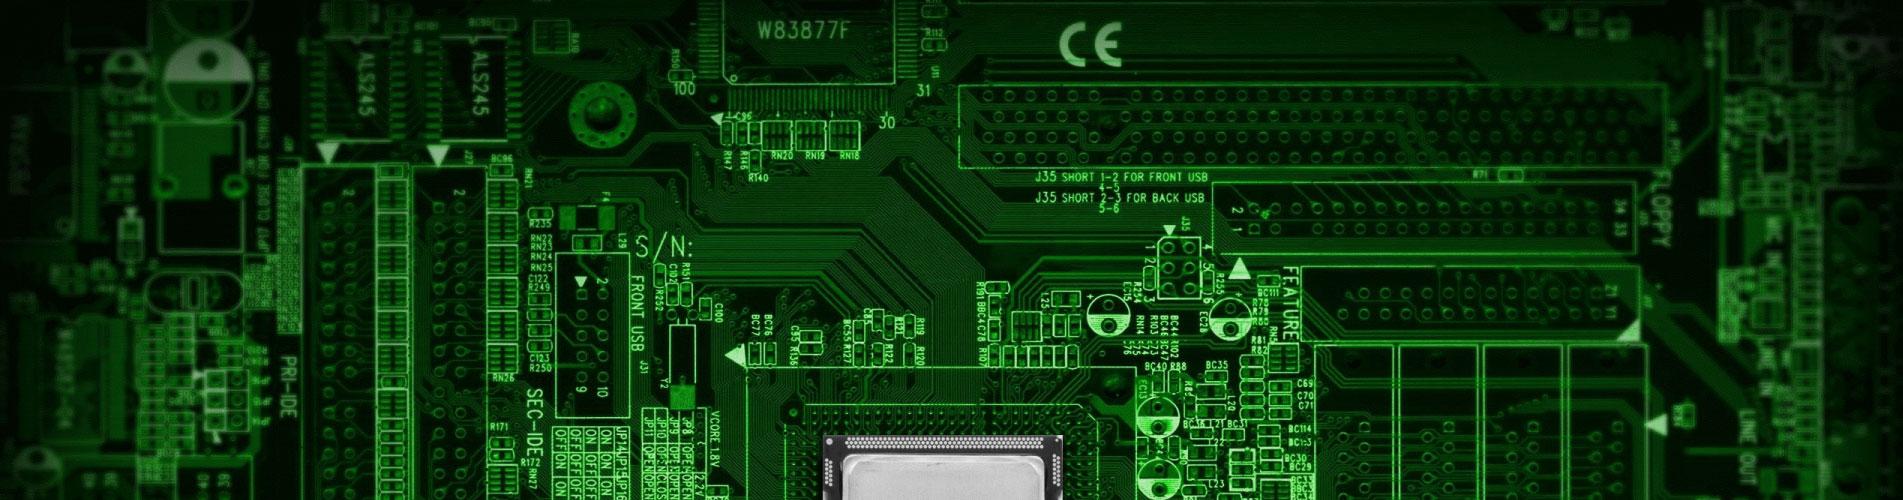 motherboard-slide